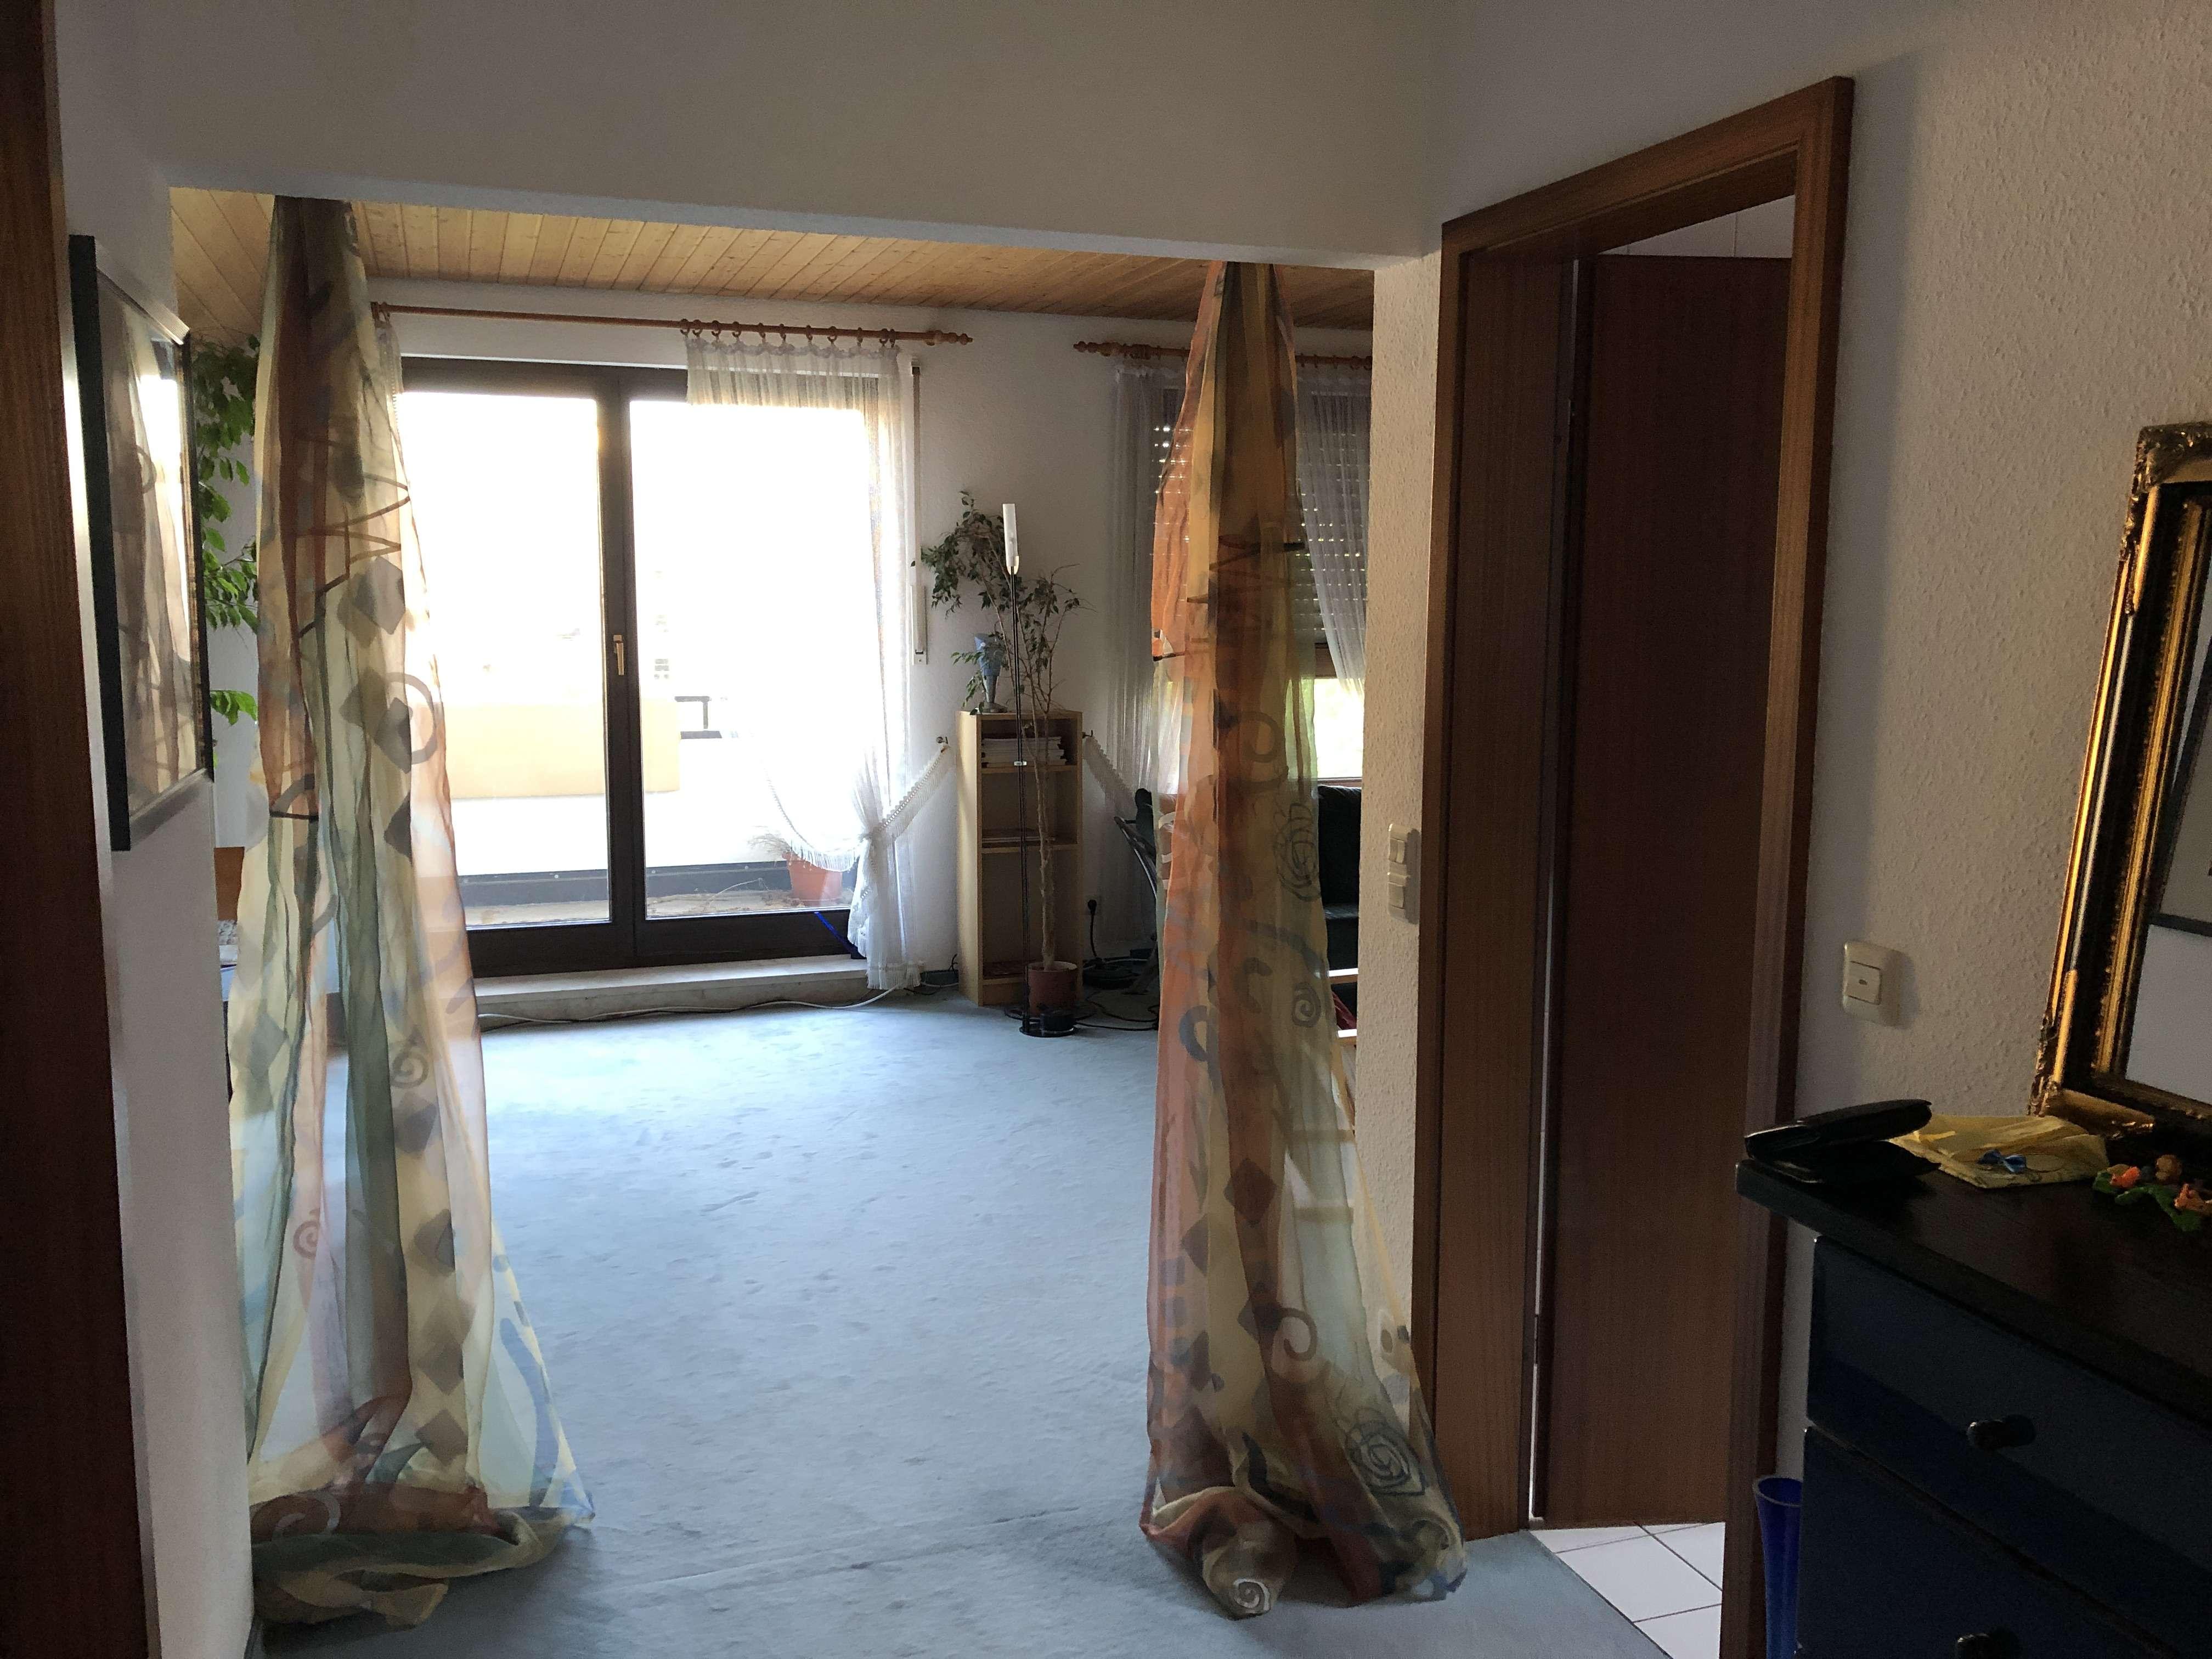 Dachgeschosswohnung, 65 m², 2 Zimmer möbiliert